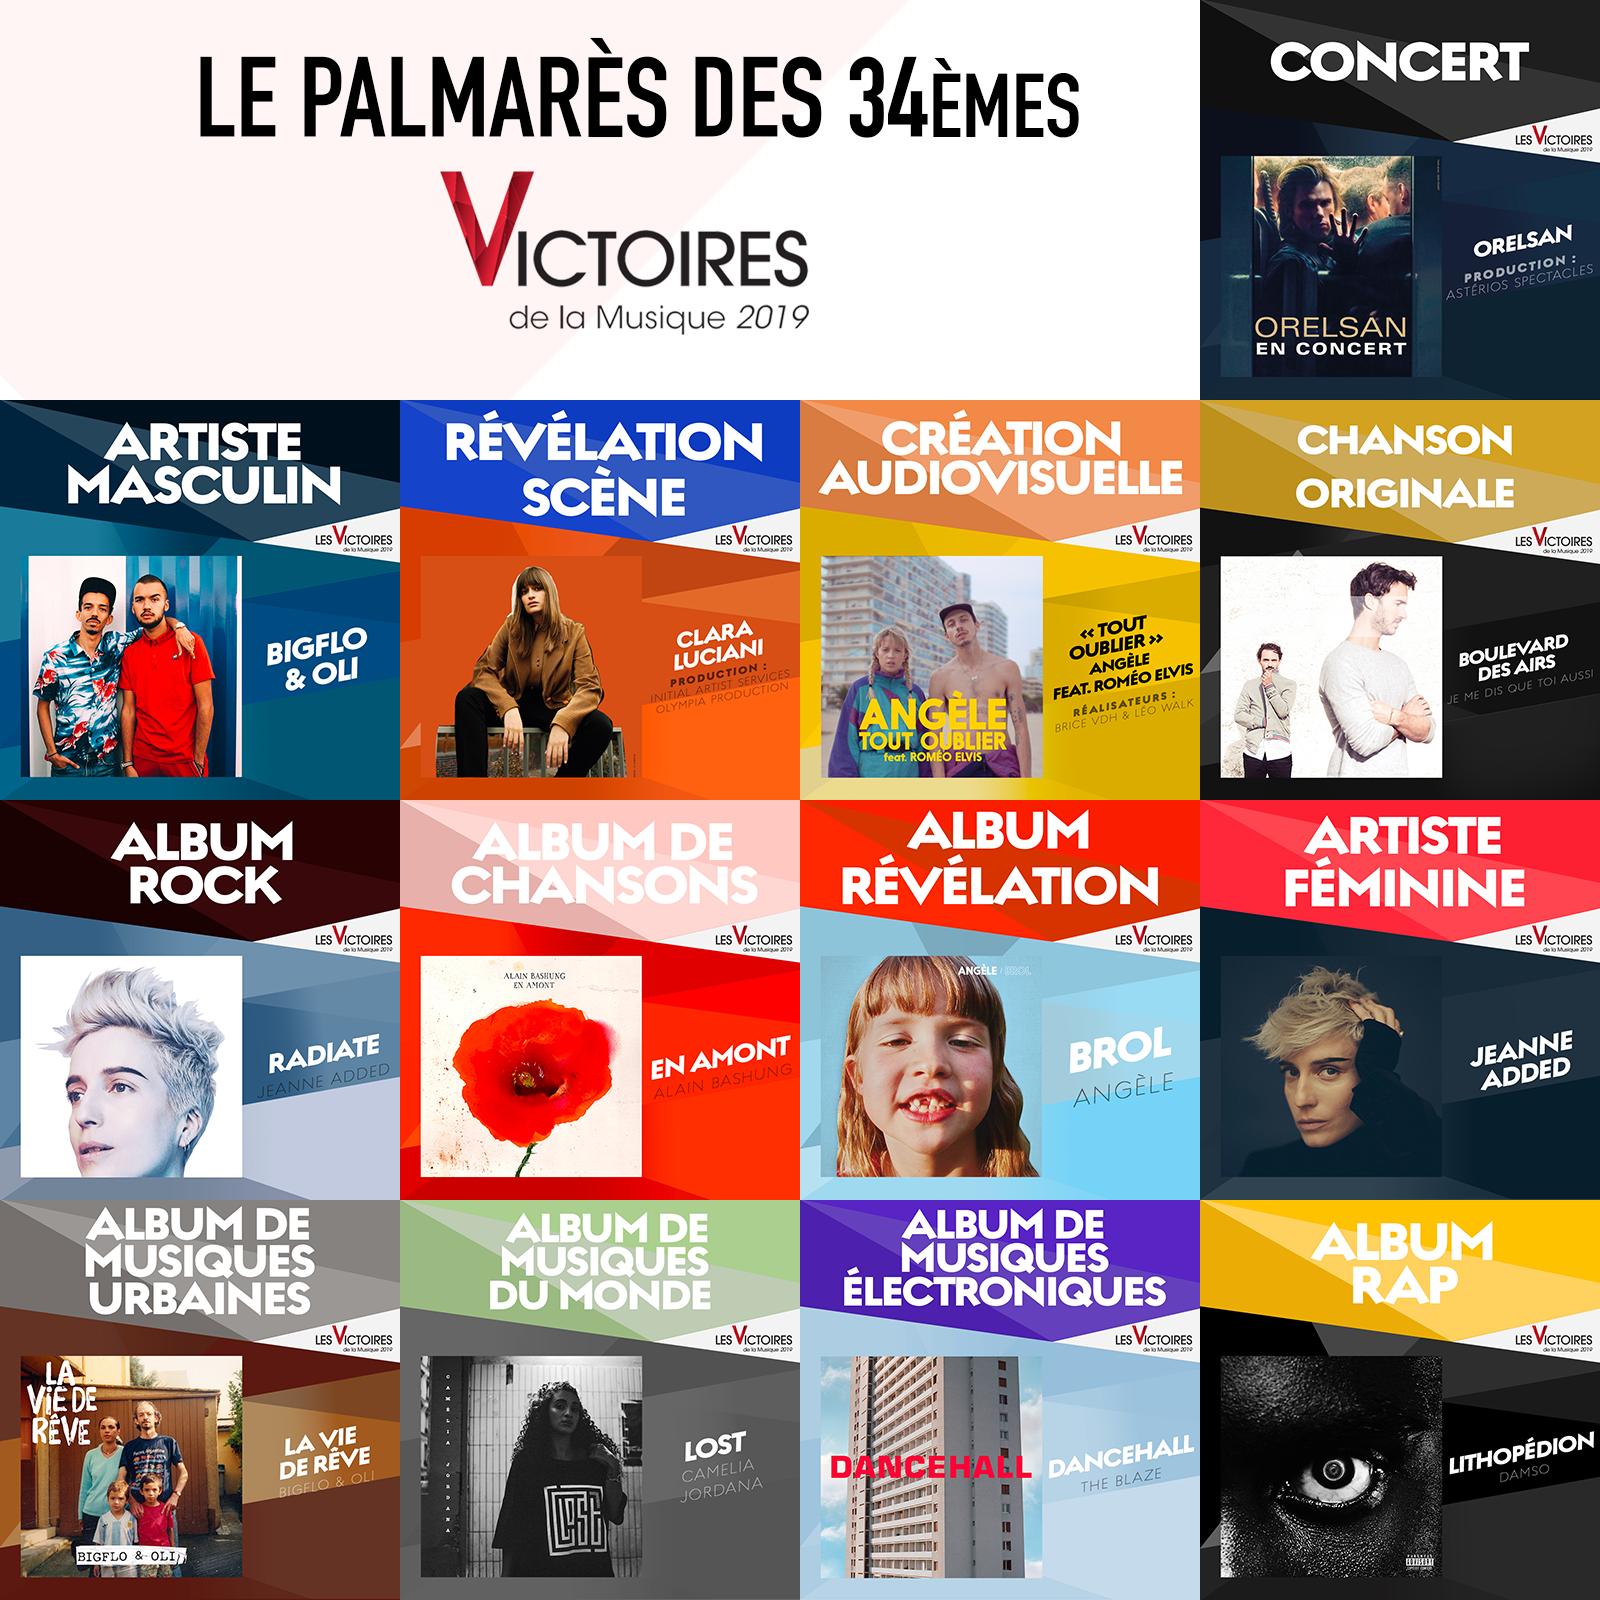 Palmarès 34èmes Victoires de la Musique Variétés 2019